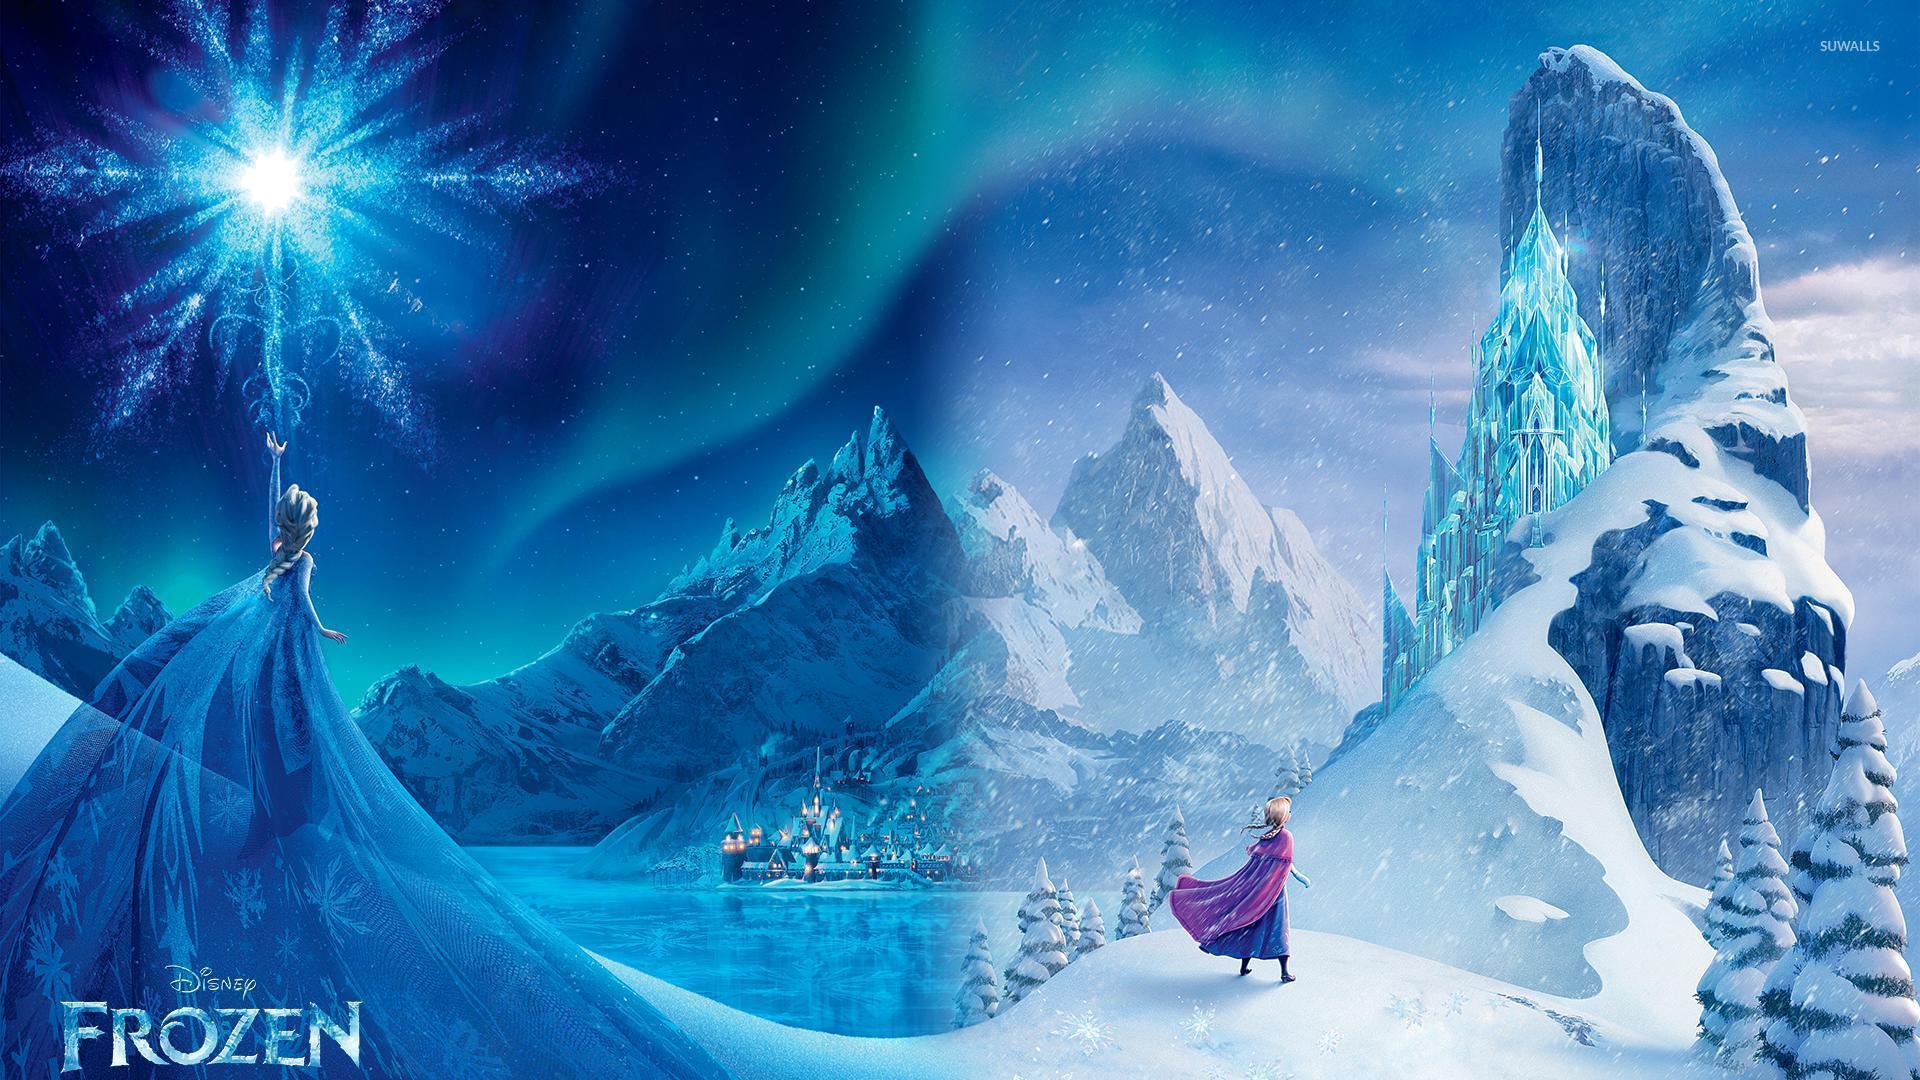 Frozen wallpaper by courtneyfanTD on